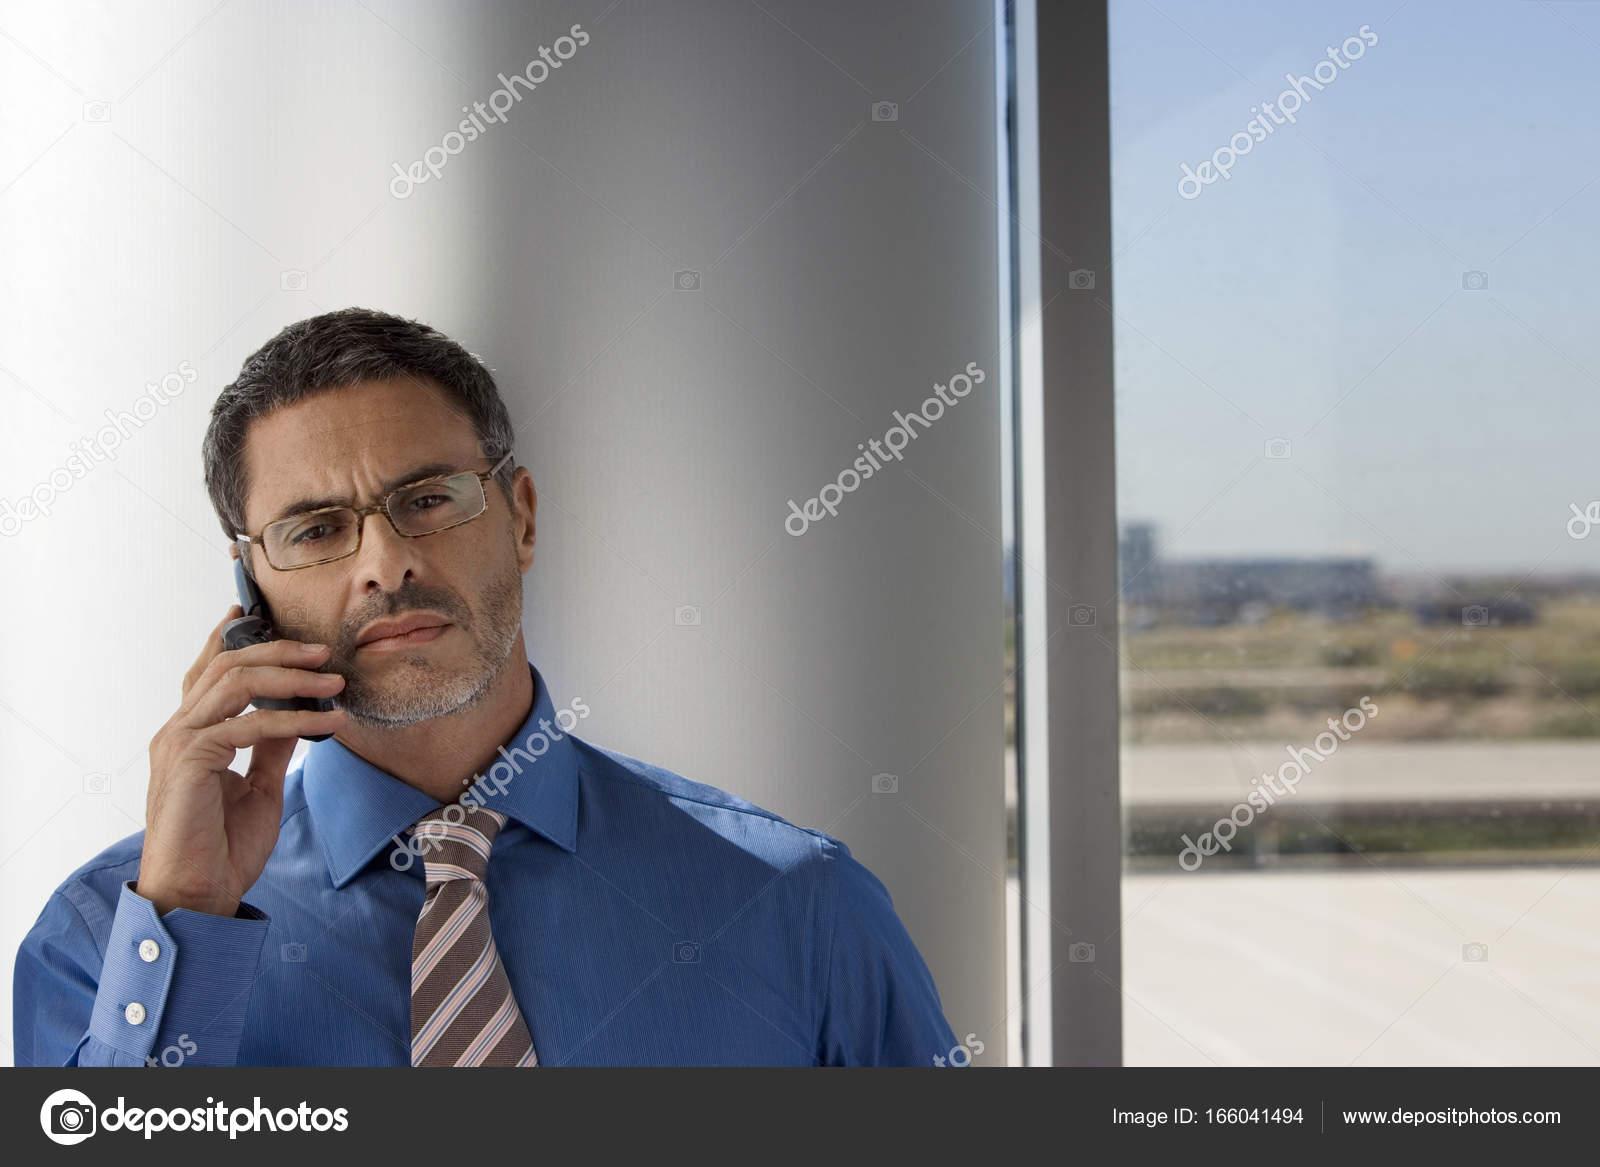 homme mature portant des lunettes aide t l phone portable c t fen tre photographie. Black Bedroom Furniture Sets. Home Design Ideas